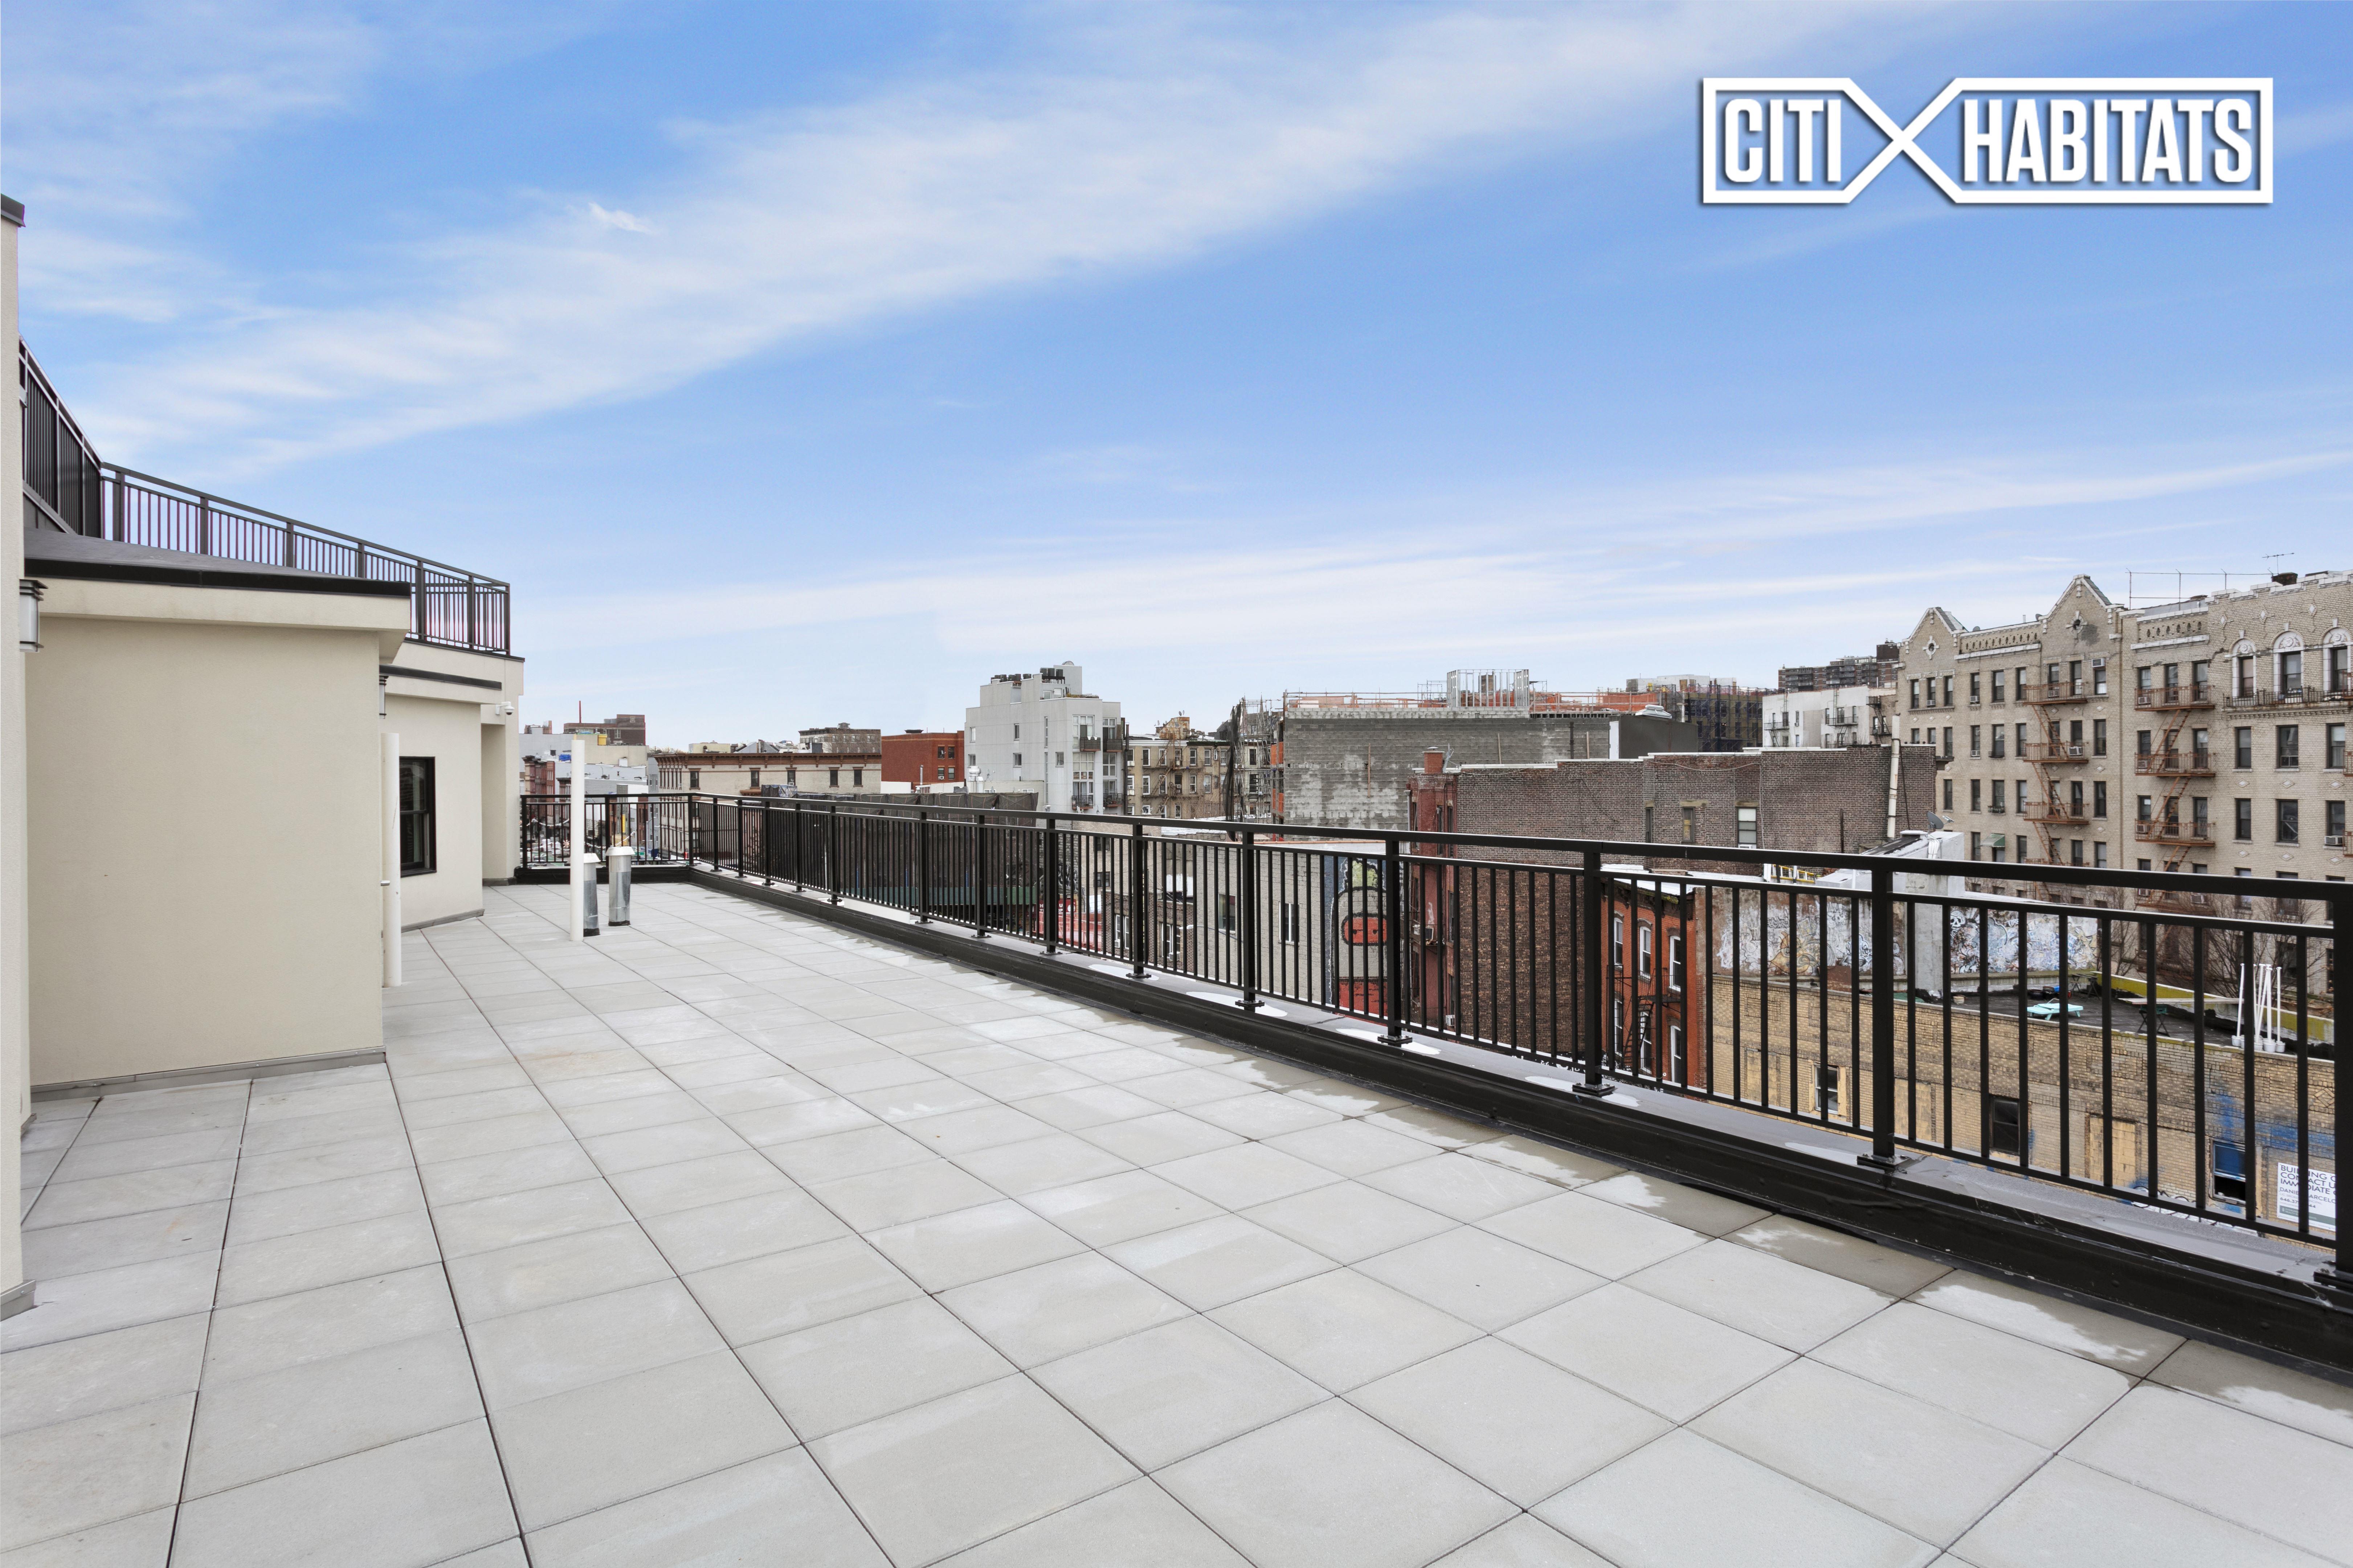 460 Grand Street, Unit 2A Williamsburg, Brooklyn, NY 11211